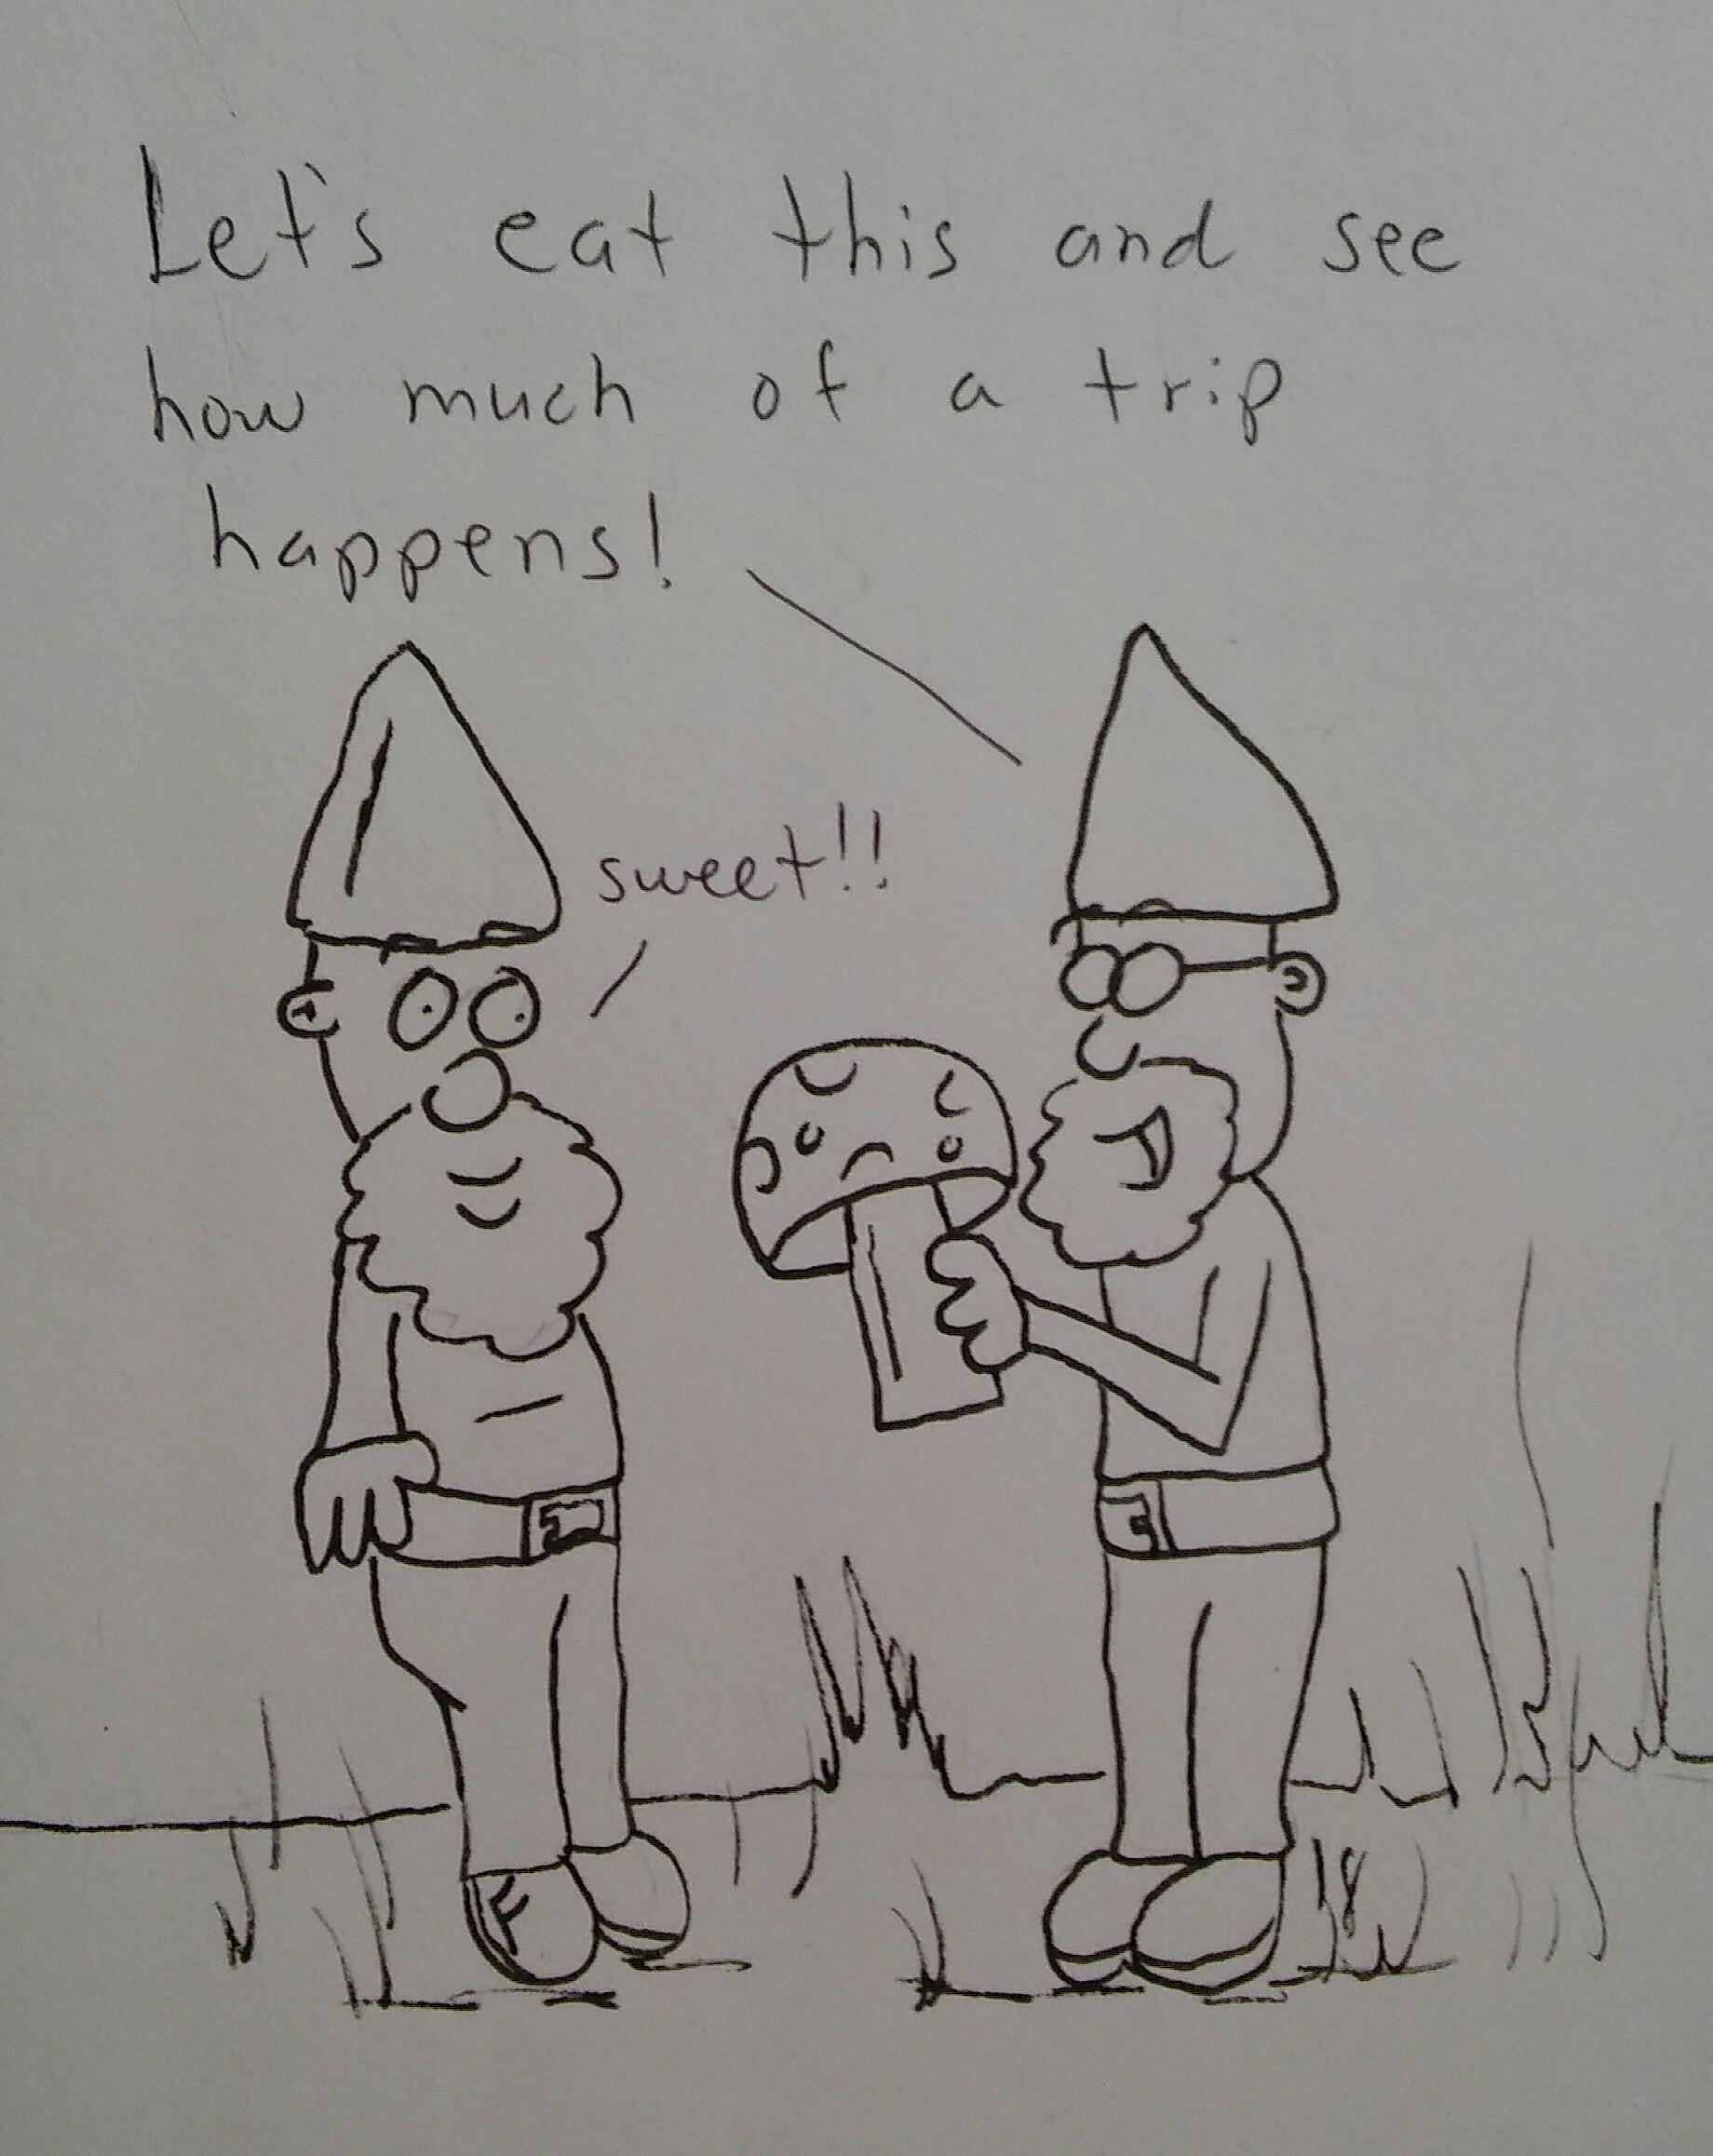 Gnome adventures